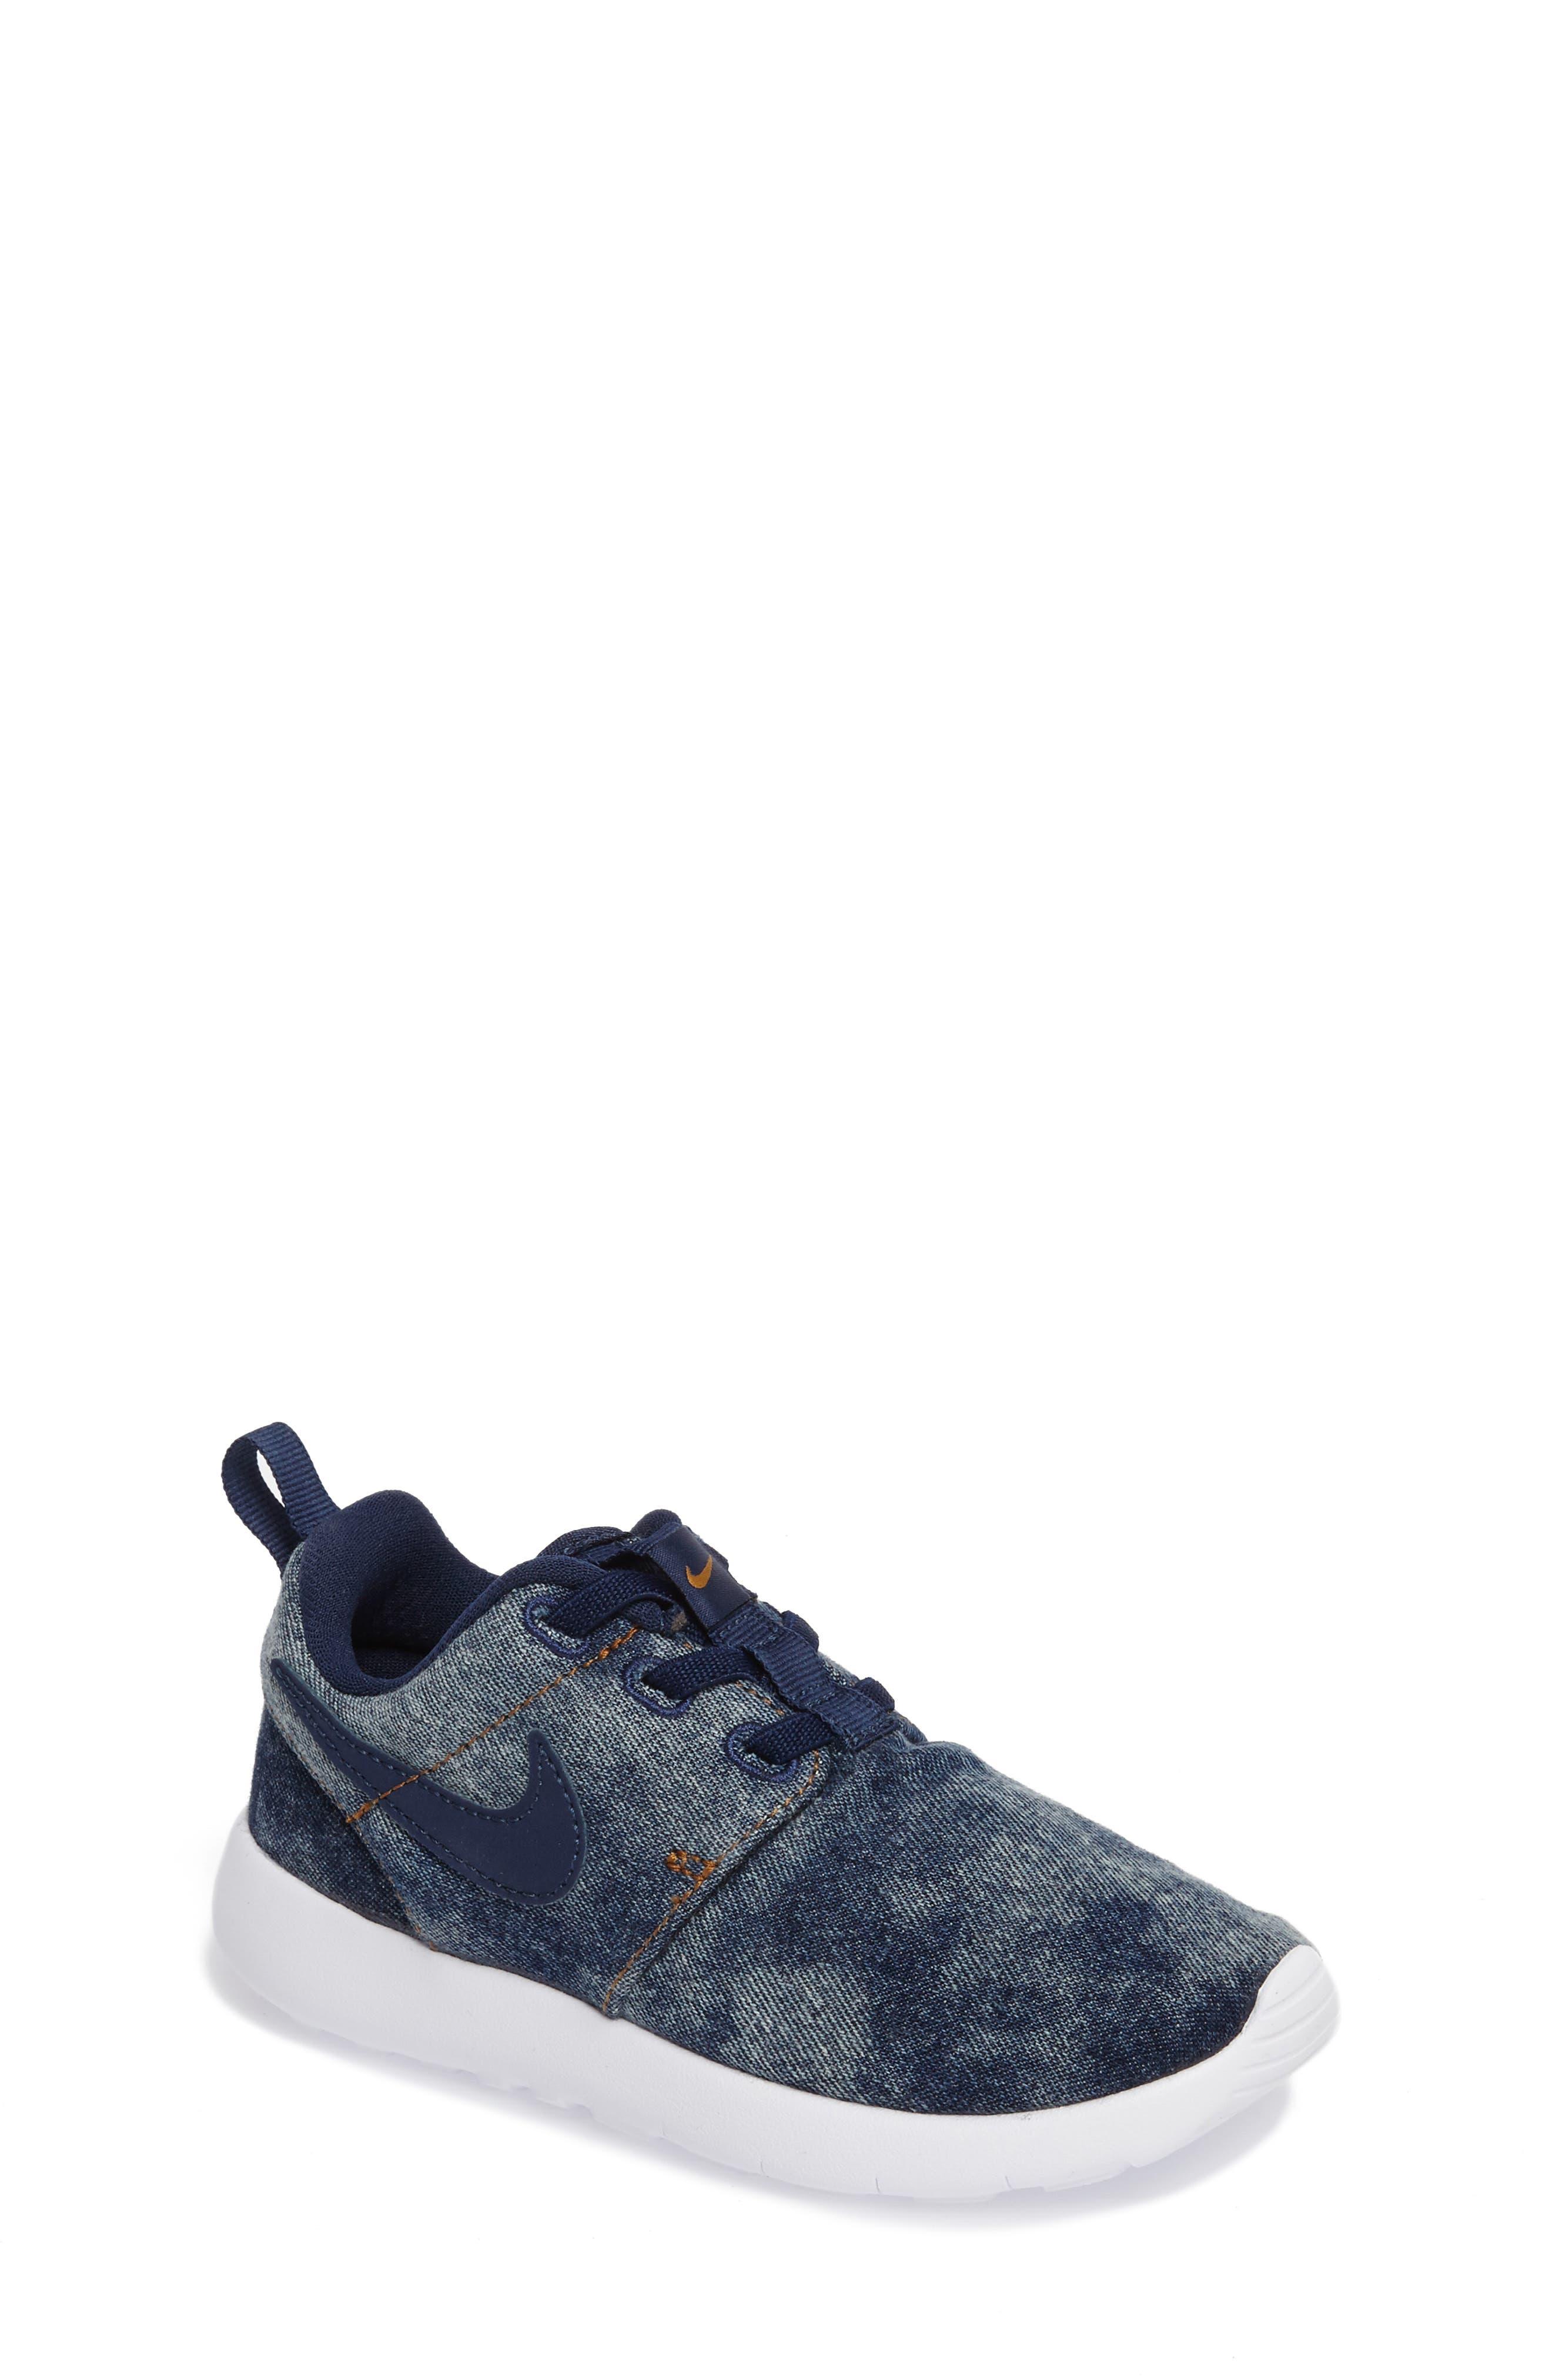 Roshe One SE Sneaker,                             Main thumbnail 1, color,                             Midnight Navy/ White